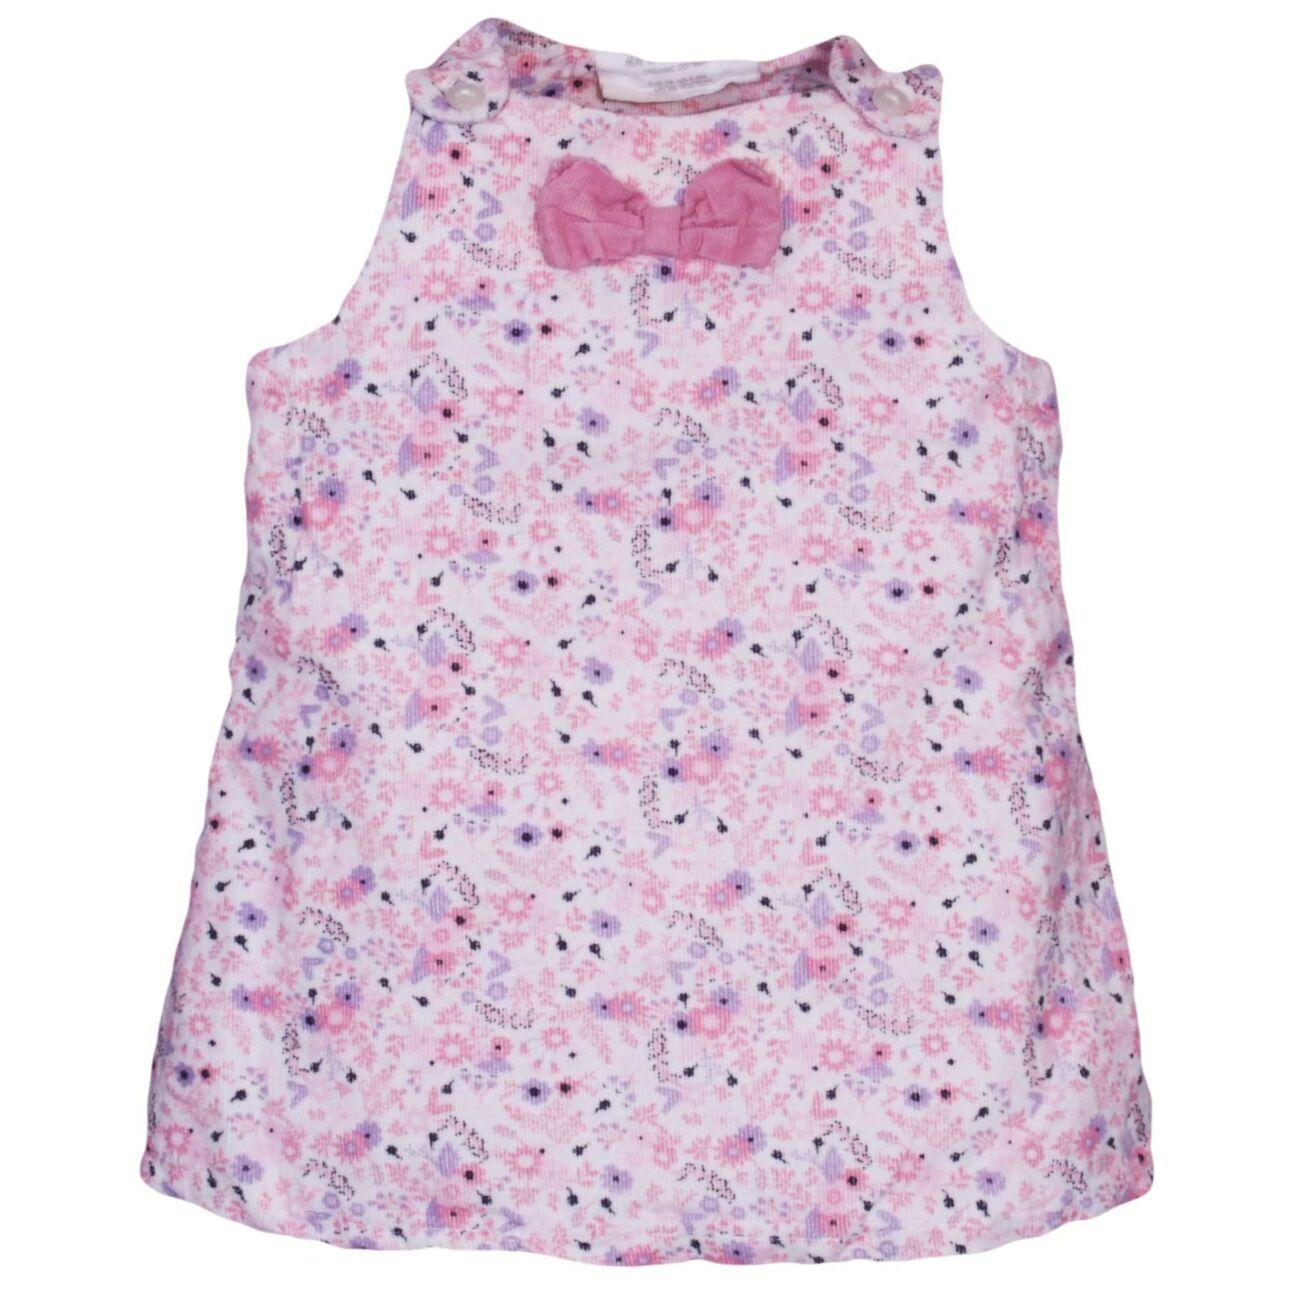 Rózsaszín apró virágmintás ruha (62-68)